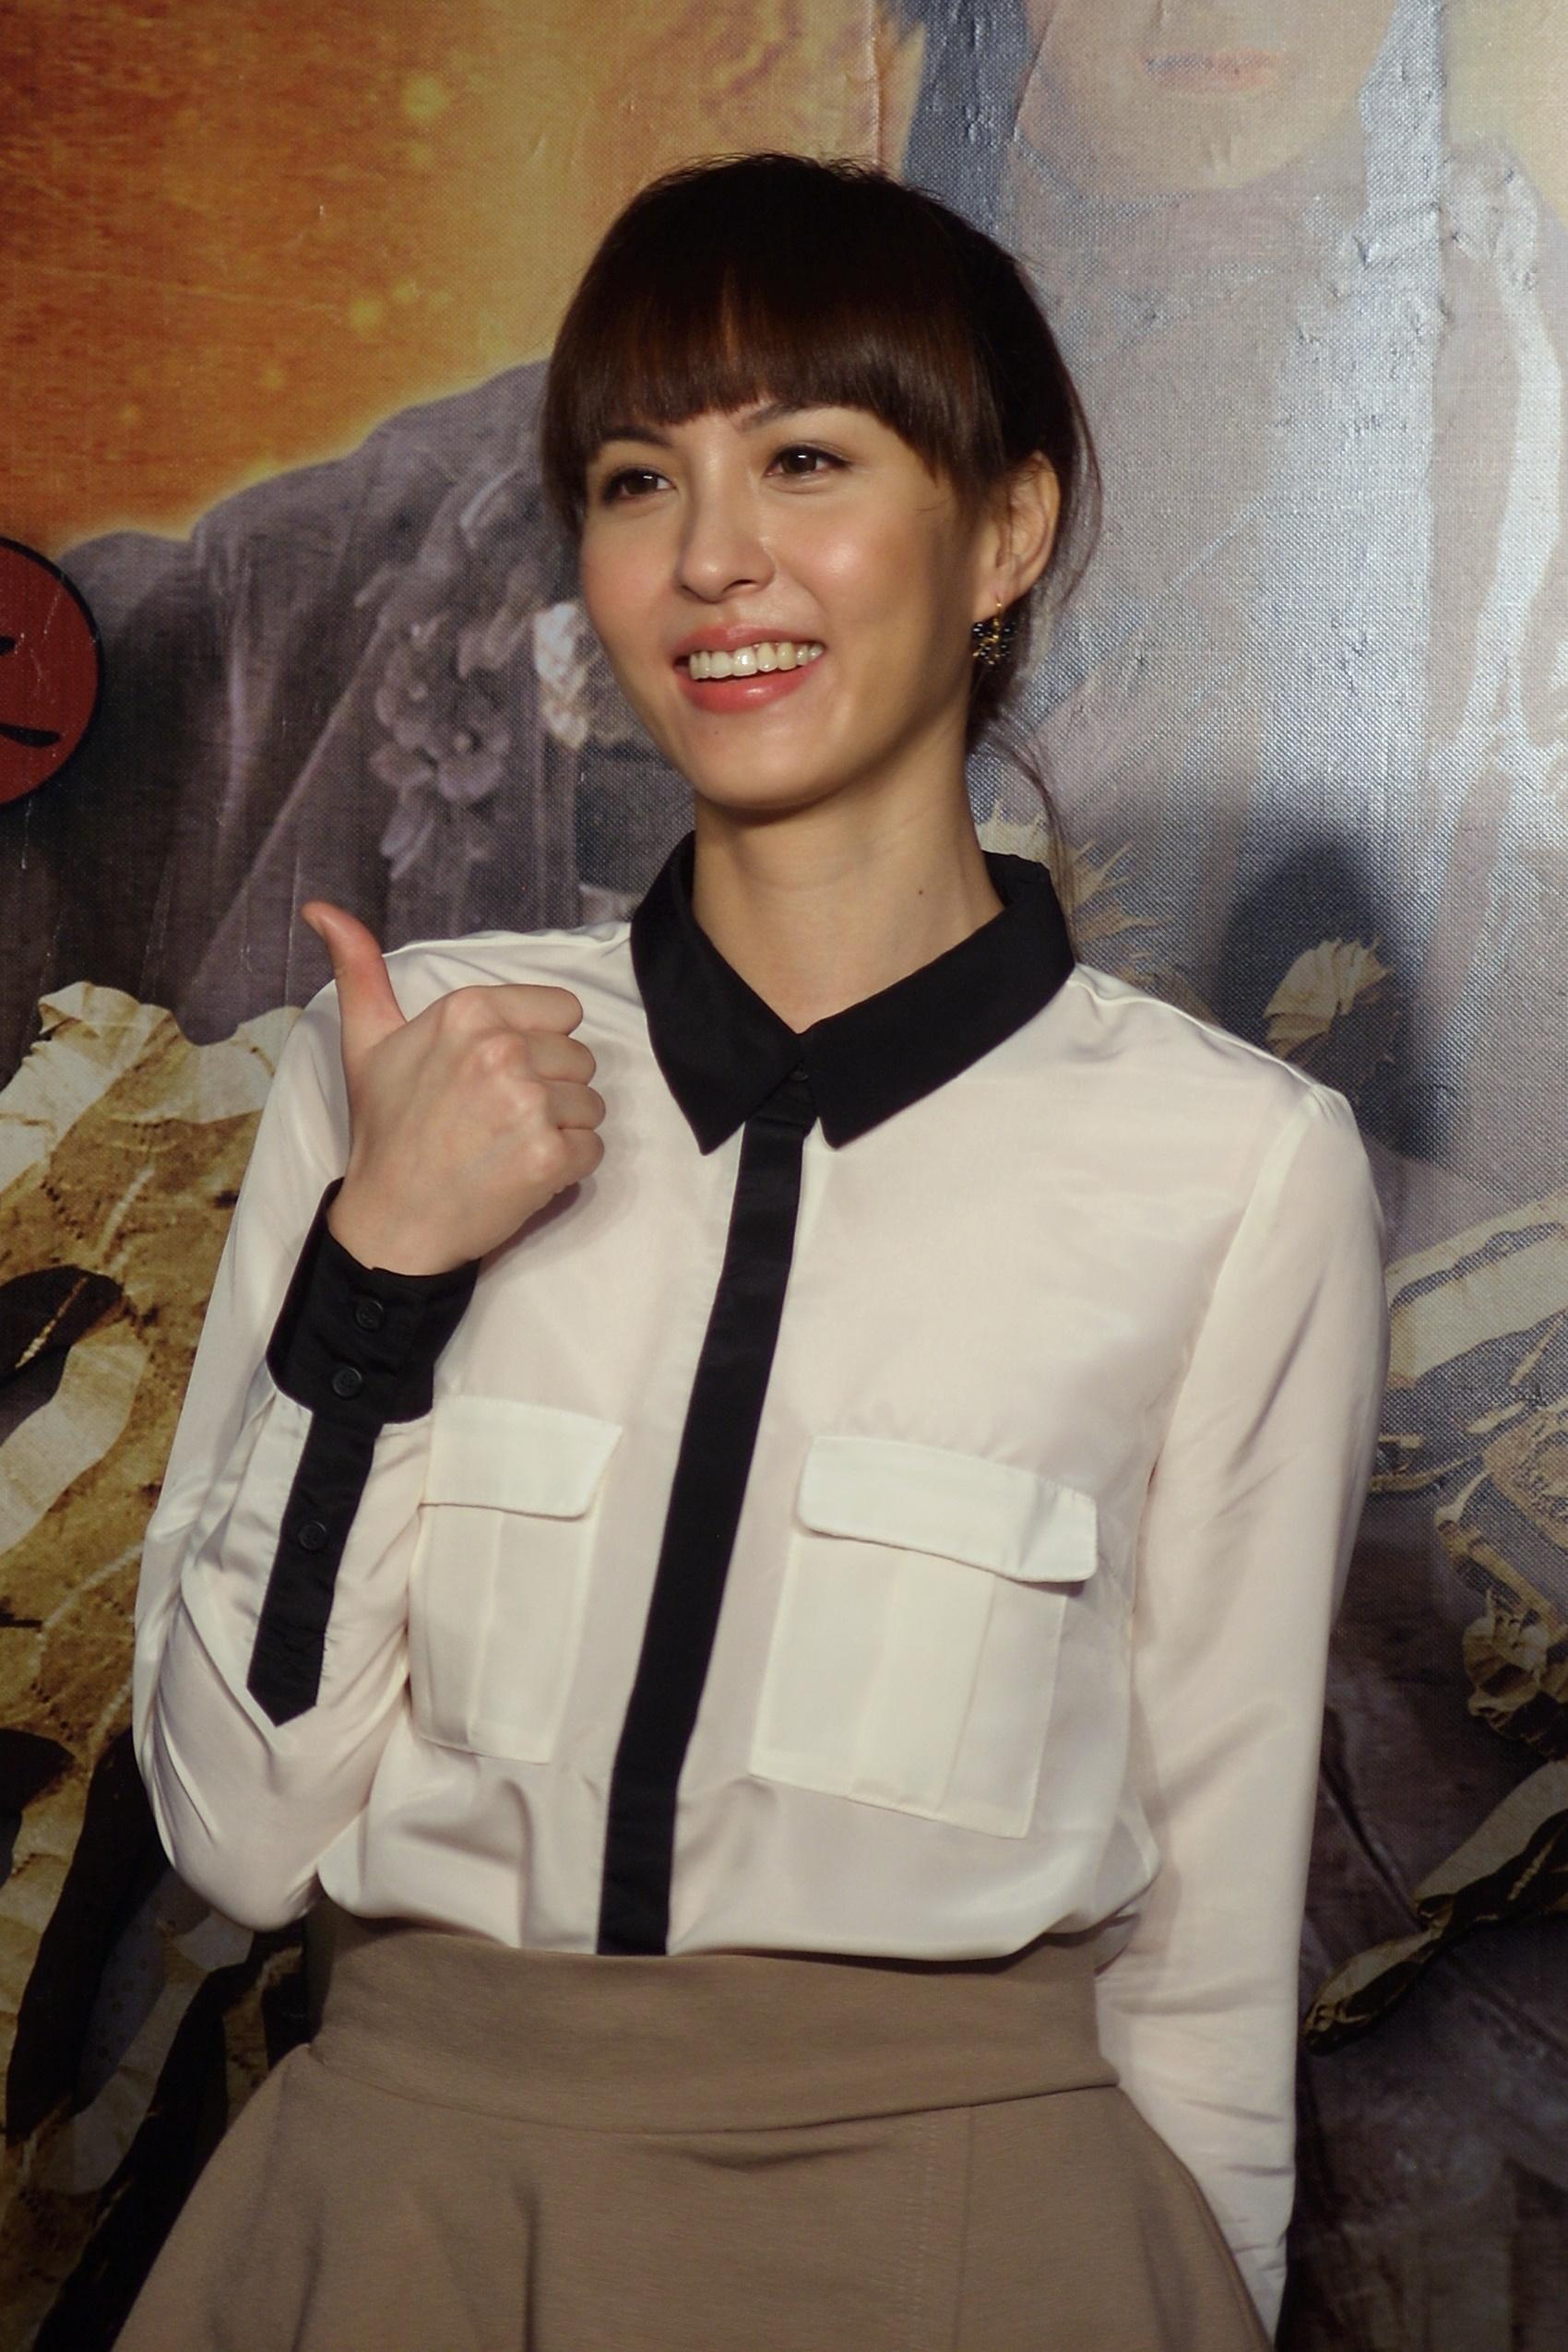 Mandy Wei - Wikipedia